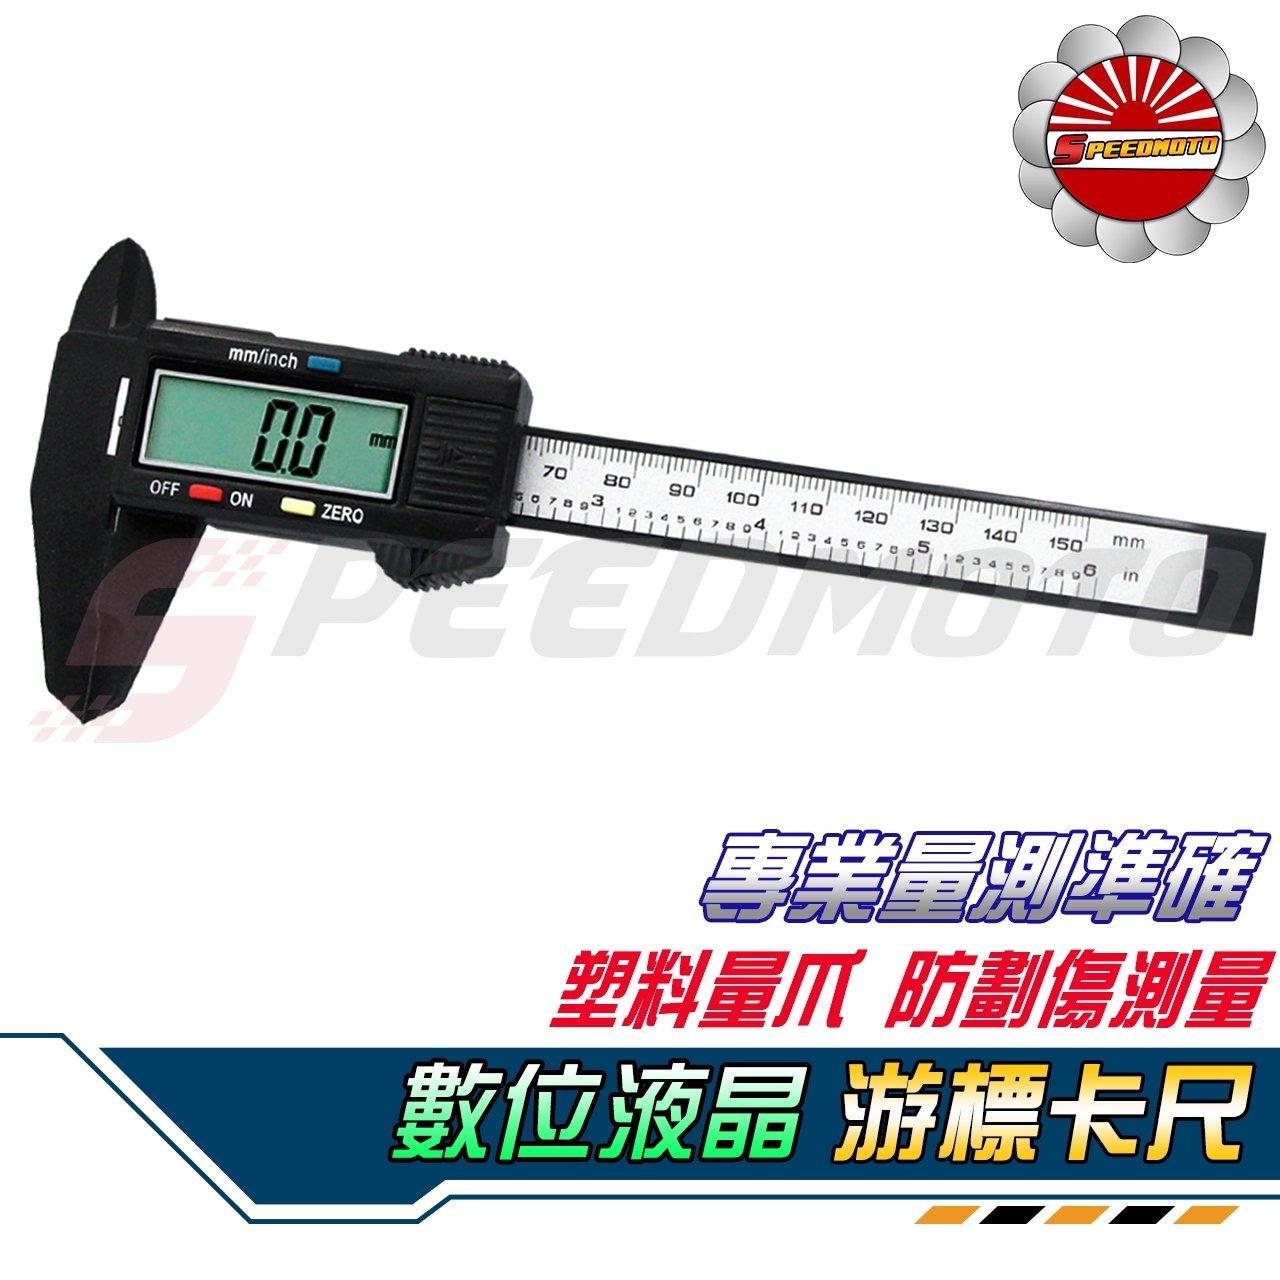 【Speedmoto】 強化塑膠 電子遊標卡尺 游標 0-150mm 0.1mm 公英制切換 游標卡尺 內徑 外徑測量